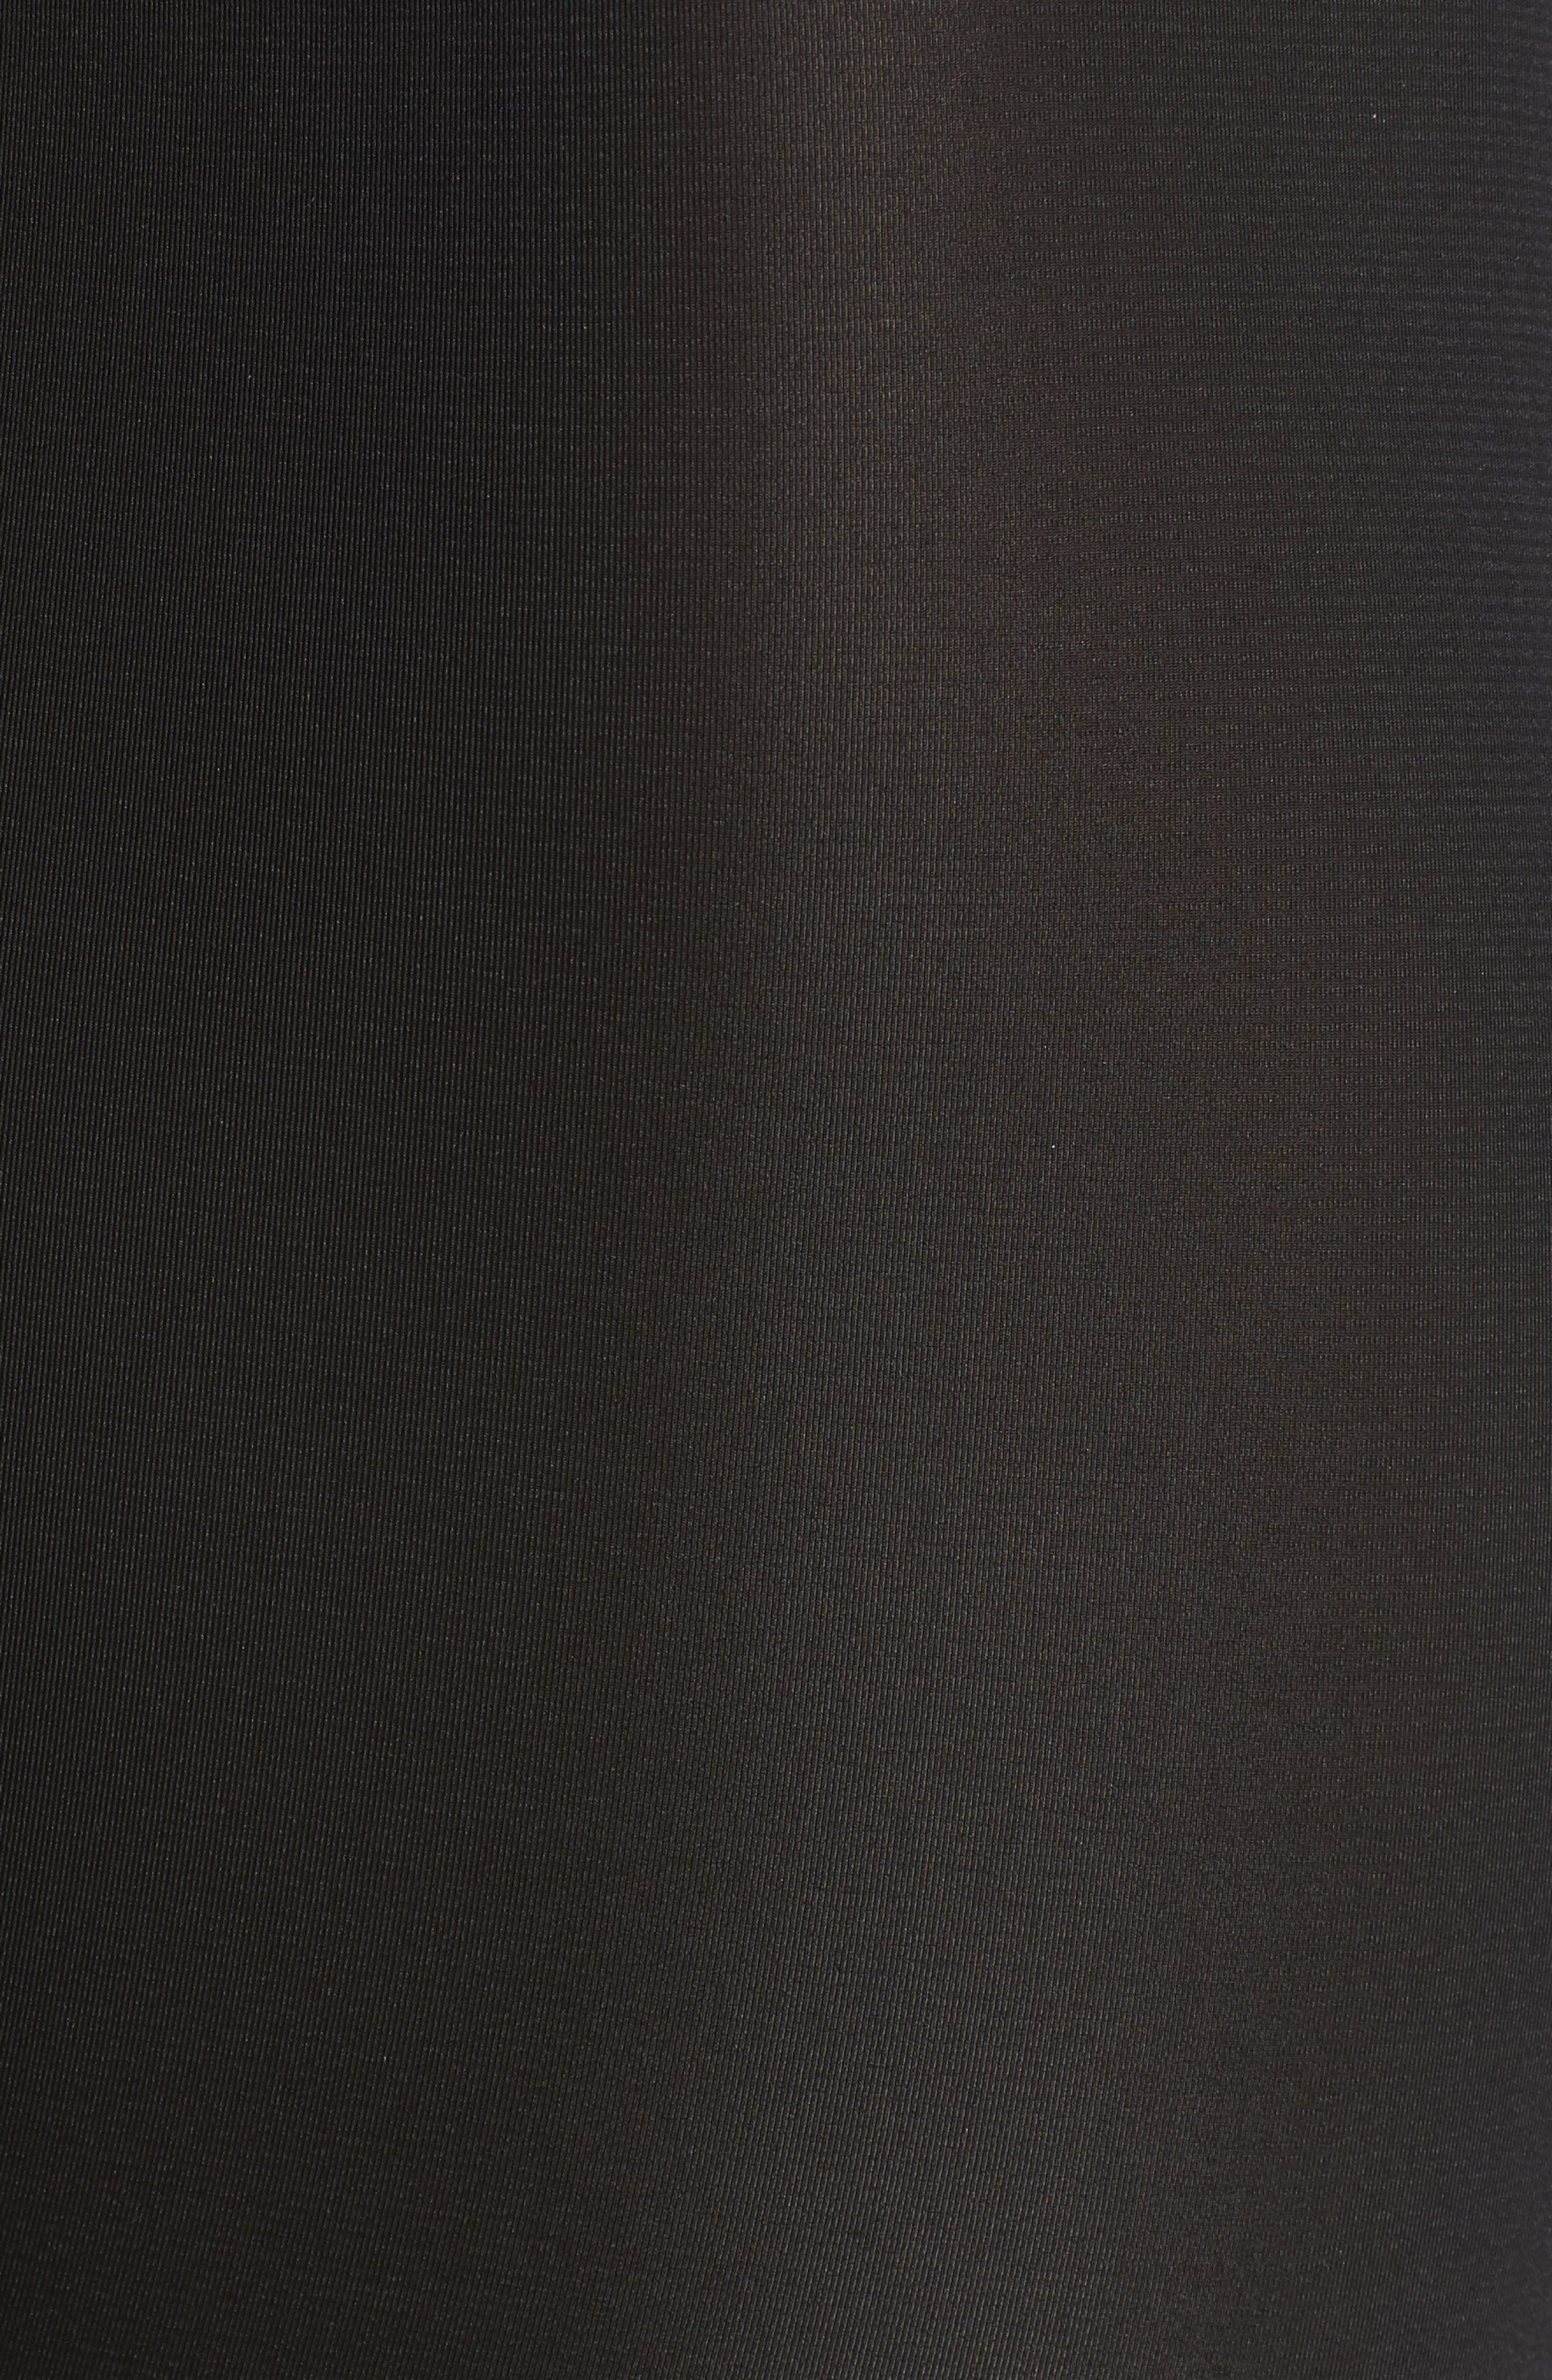 Boxer Briefs,                             Alternate thumbnail 5, color,                             BLACK